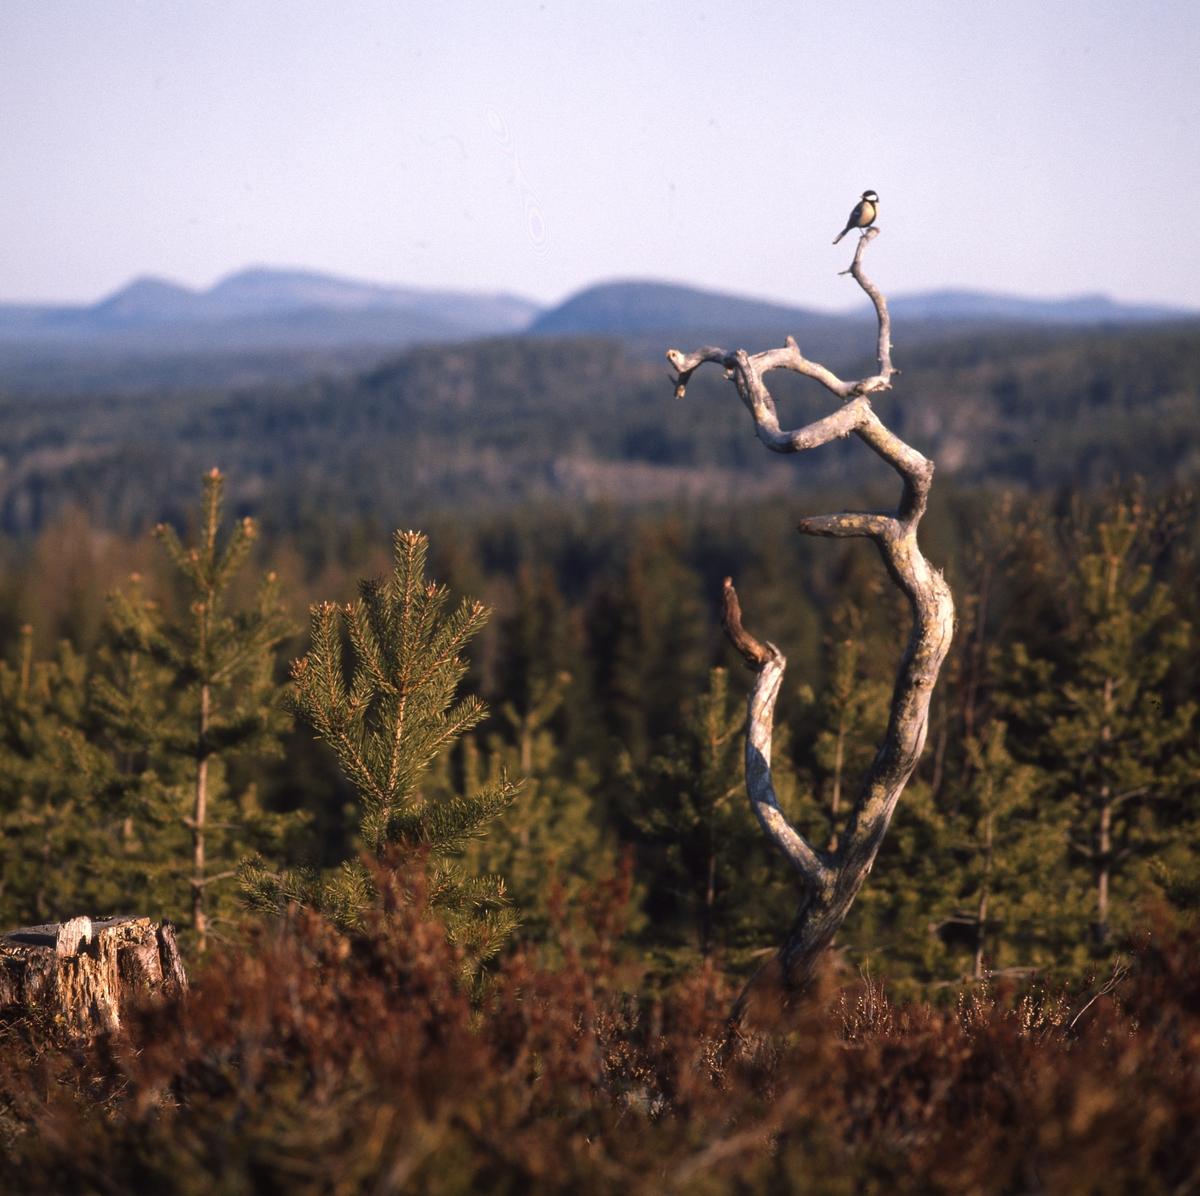 Talgoxe sitter i toppen av en torraka, med fin utsikt över landskapet med berg och skog.